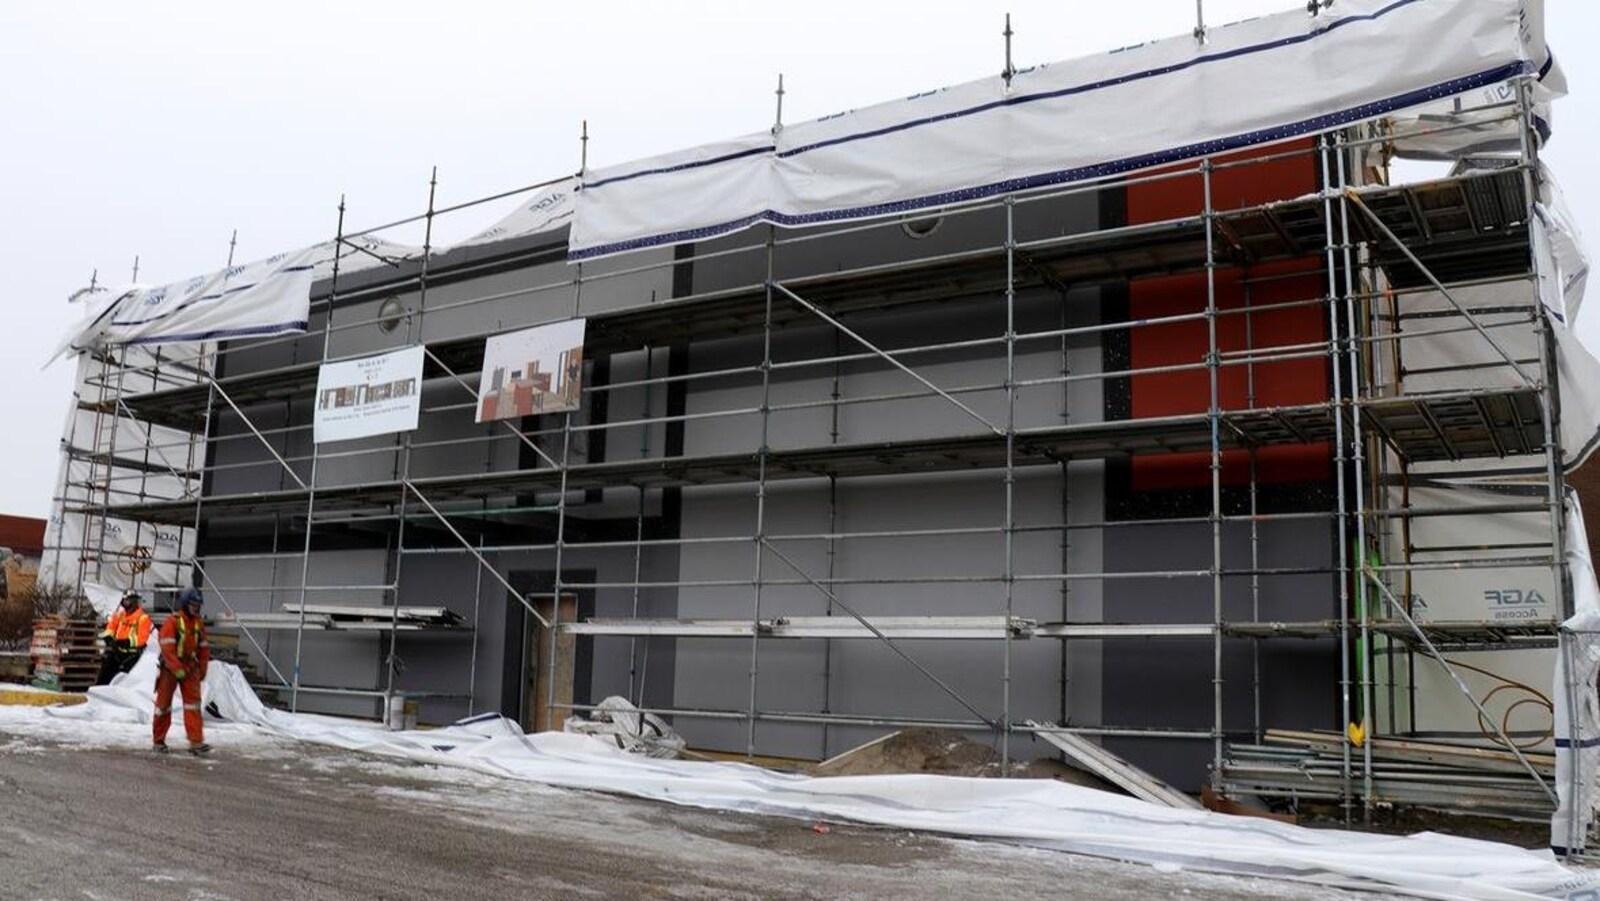 Des échafaudages se dressent sur toute la façade d'un bâtiment en rénovation. Des ouvriers sont au travail à gauche de l'image.